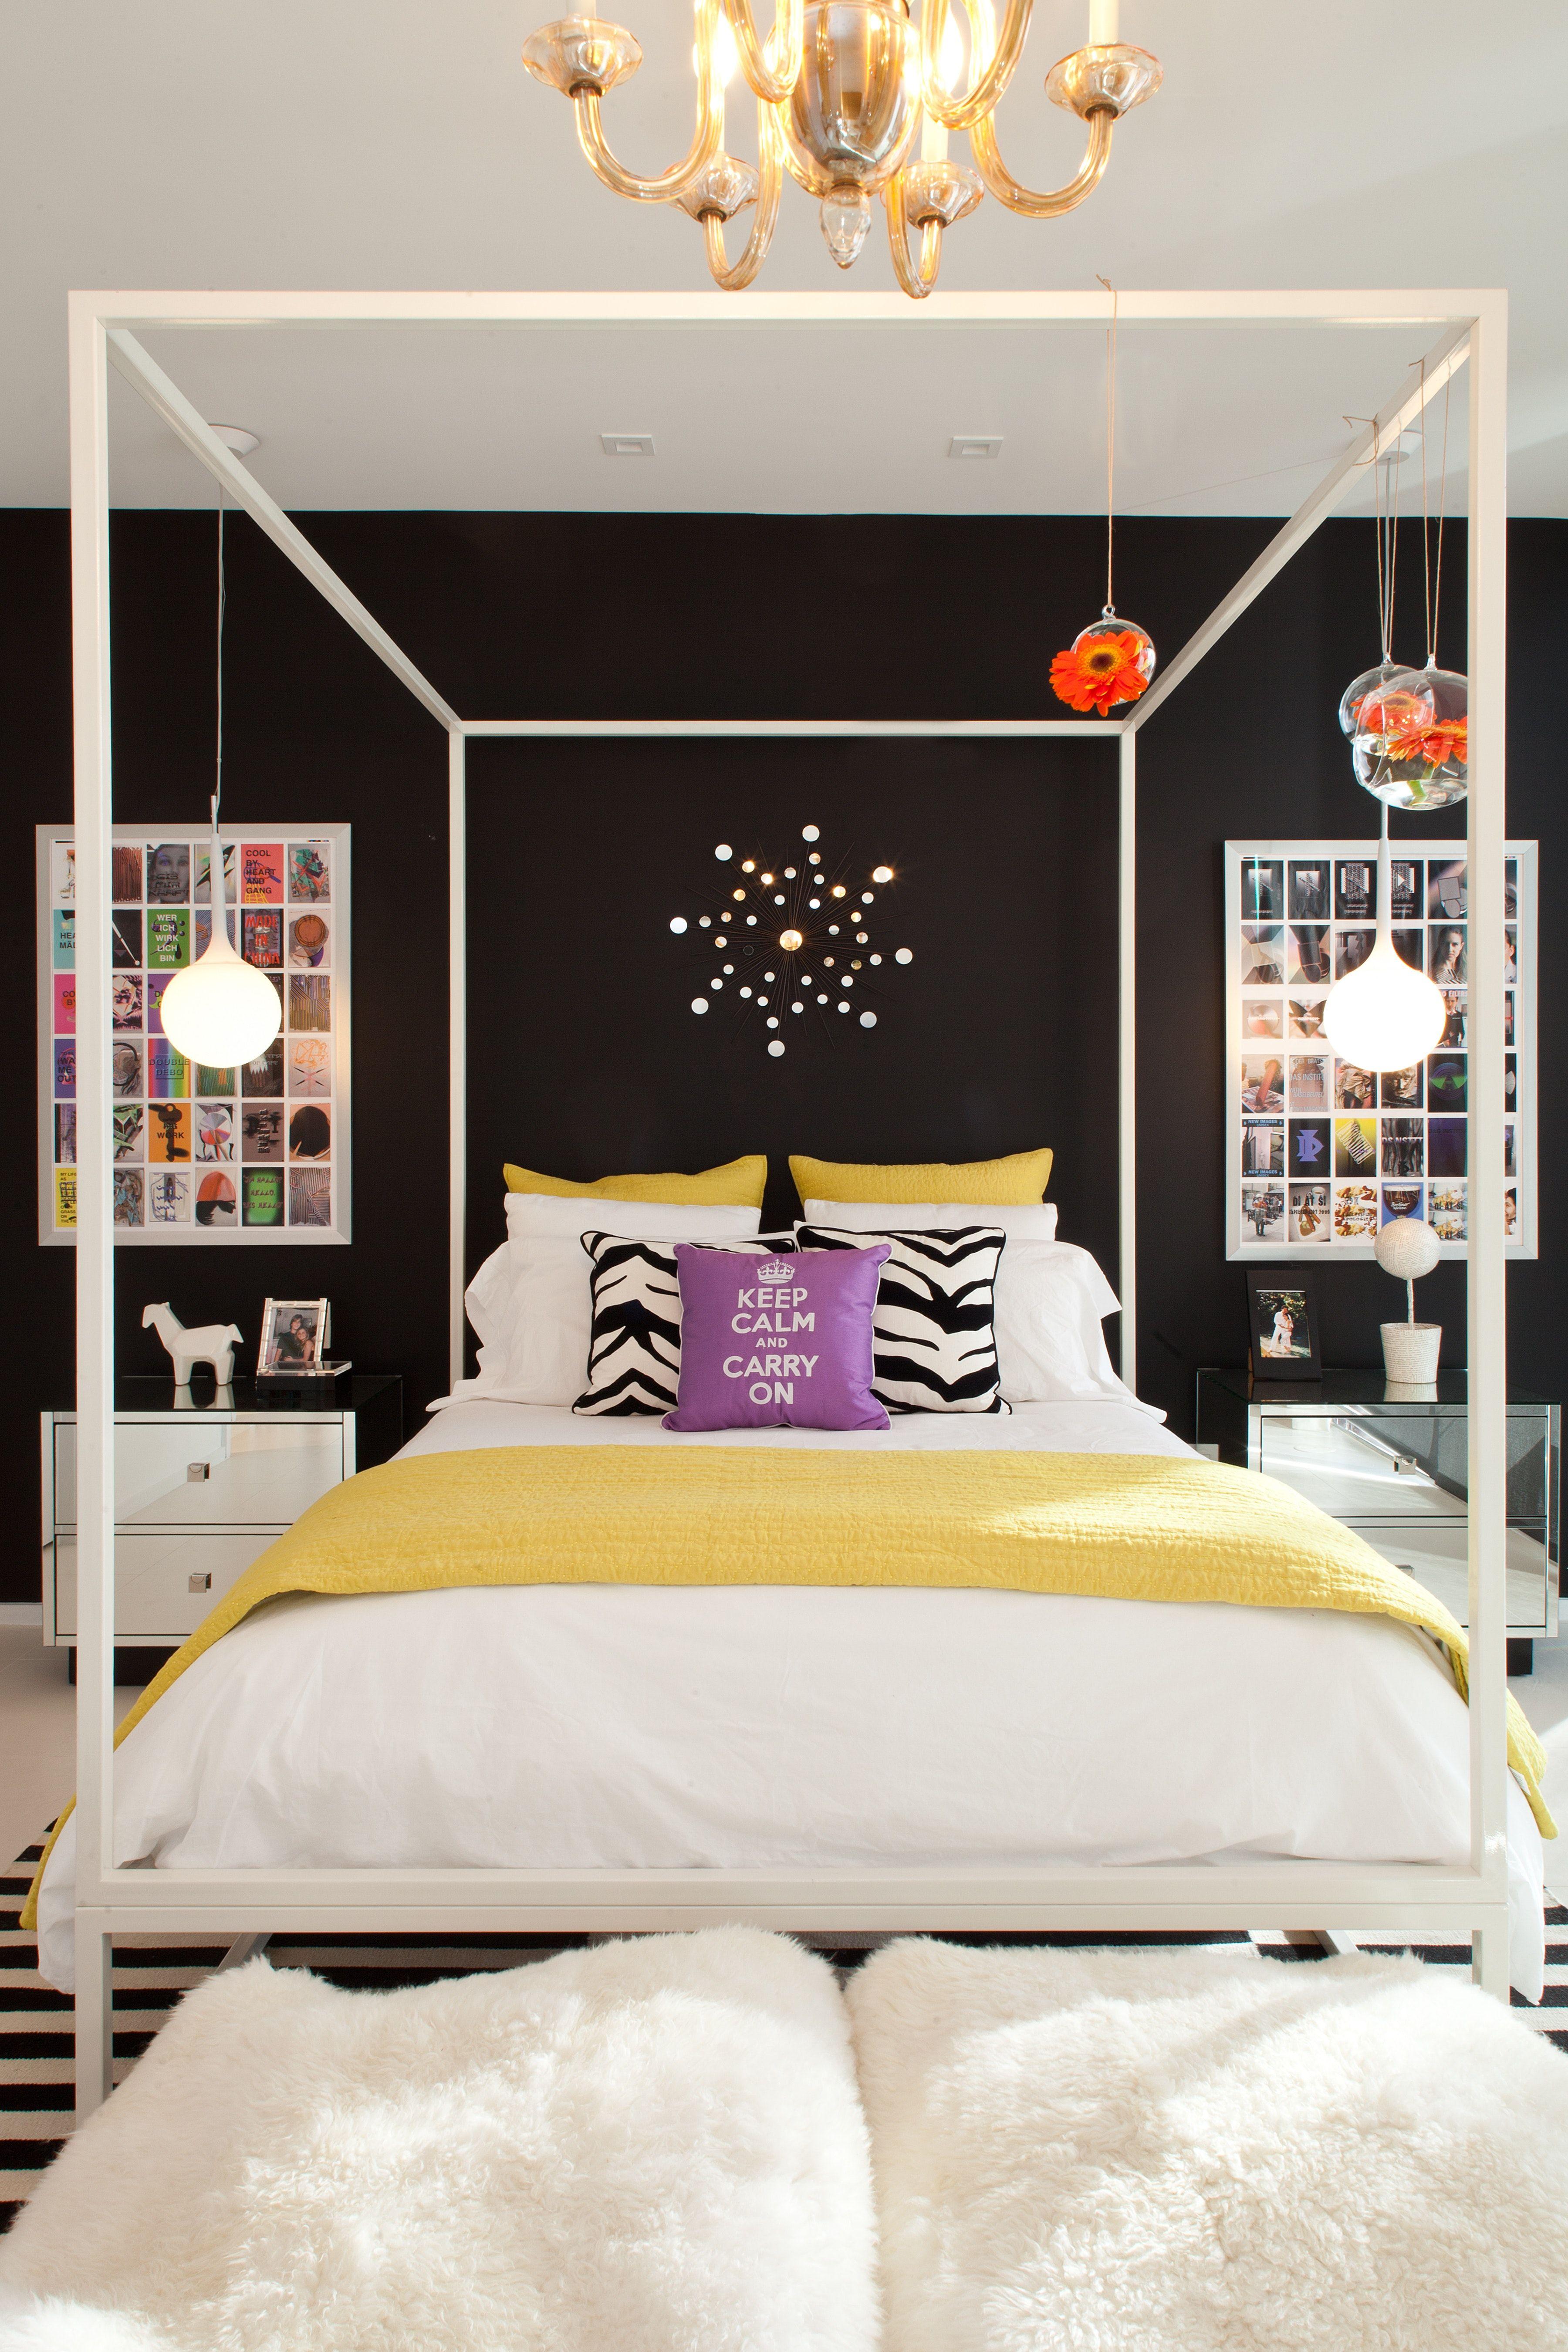 Teenage loft bedroom designs  Pin by Lisa Bynam on Bedroom  Pinterest  Hall Bedrooms and Beach